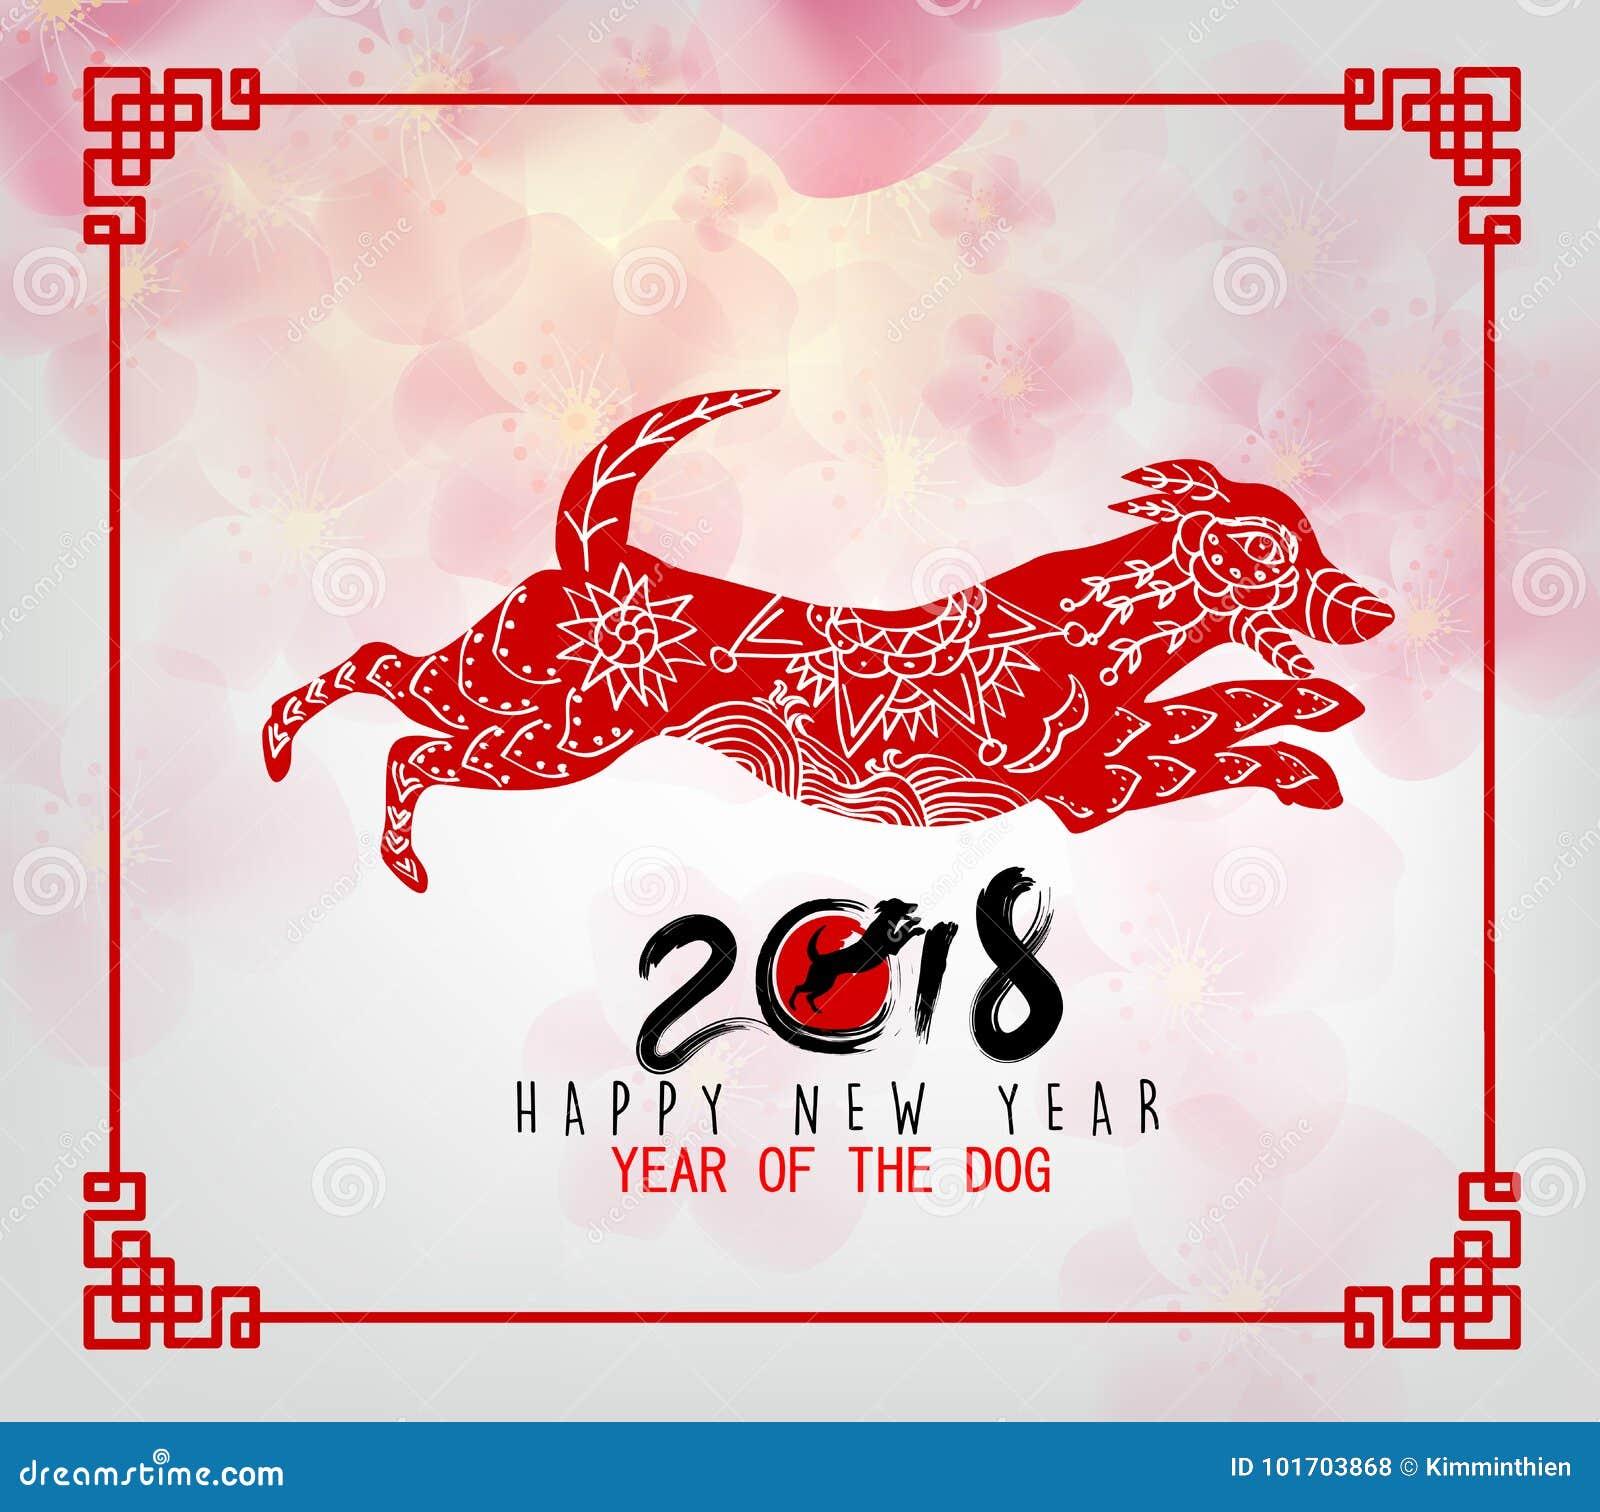 Guten Rutsch Ins Neue Jahr-2018 Grußkarte, Chinesisches Neues Jahr ...